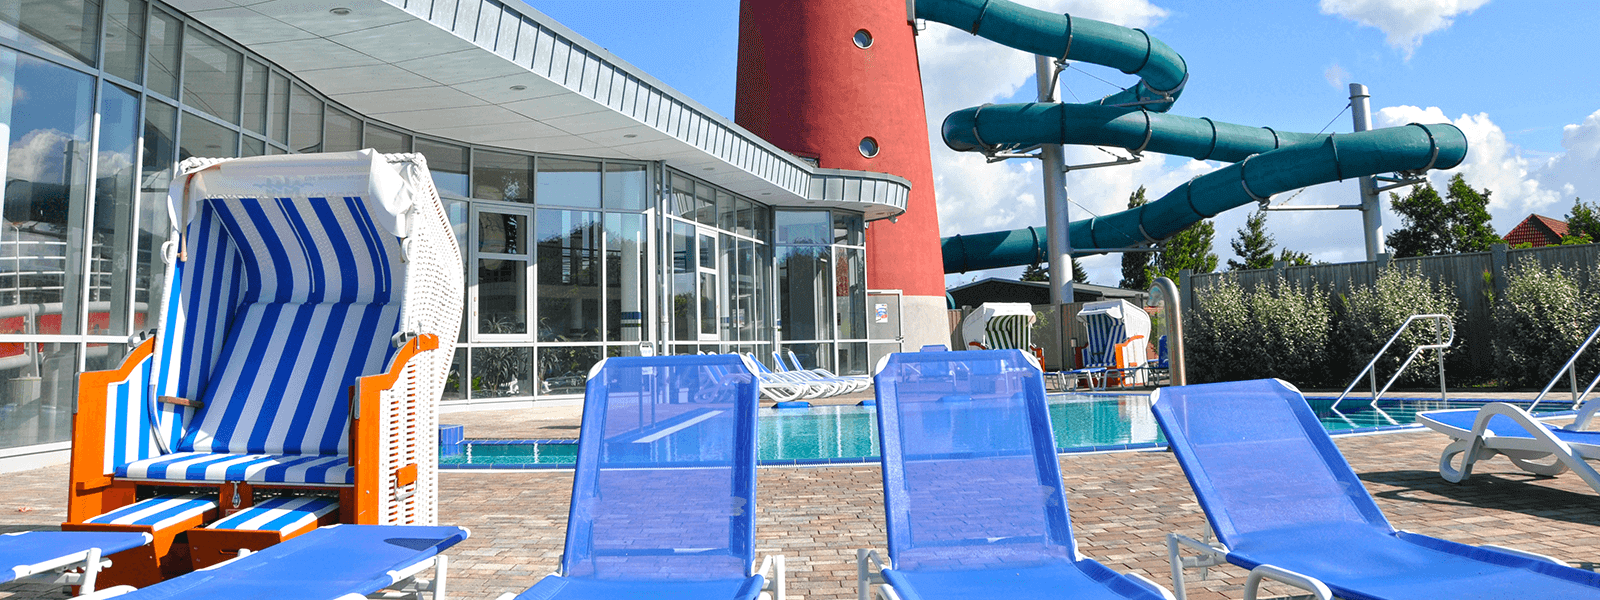 Hotel Regina Maris, Norden-Norddeich, Nordsee, Ostfriesland, Ocean Wave